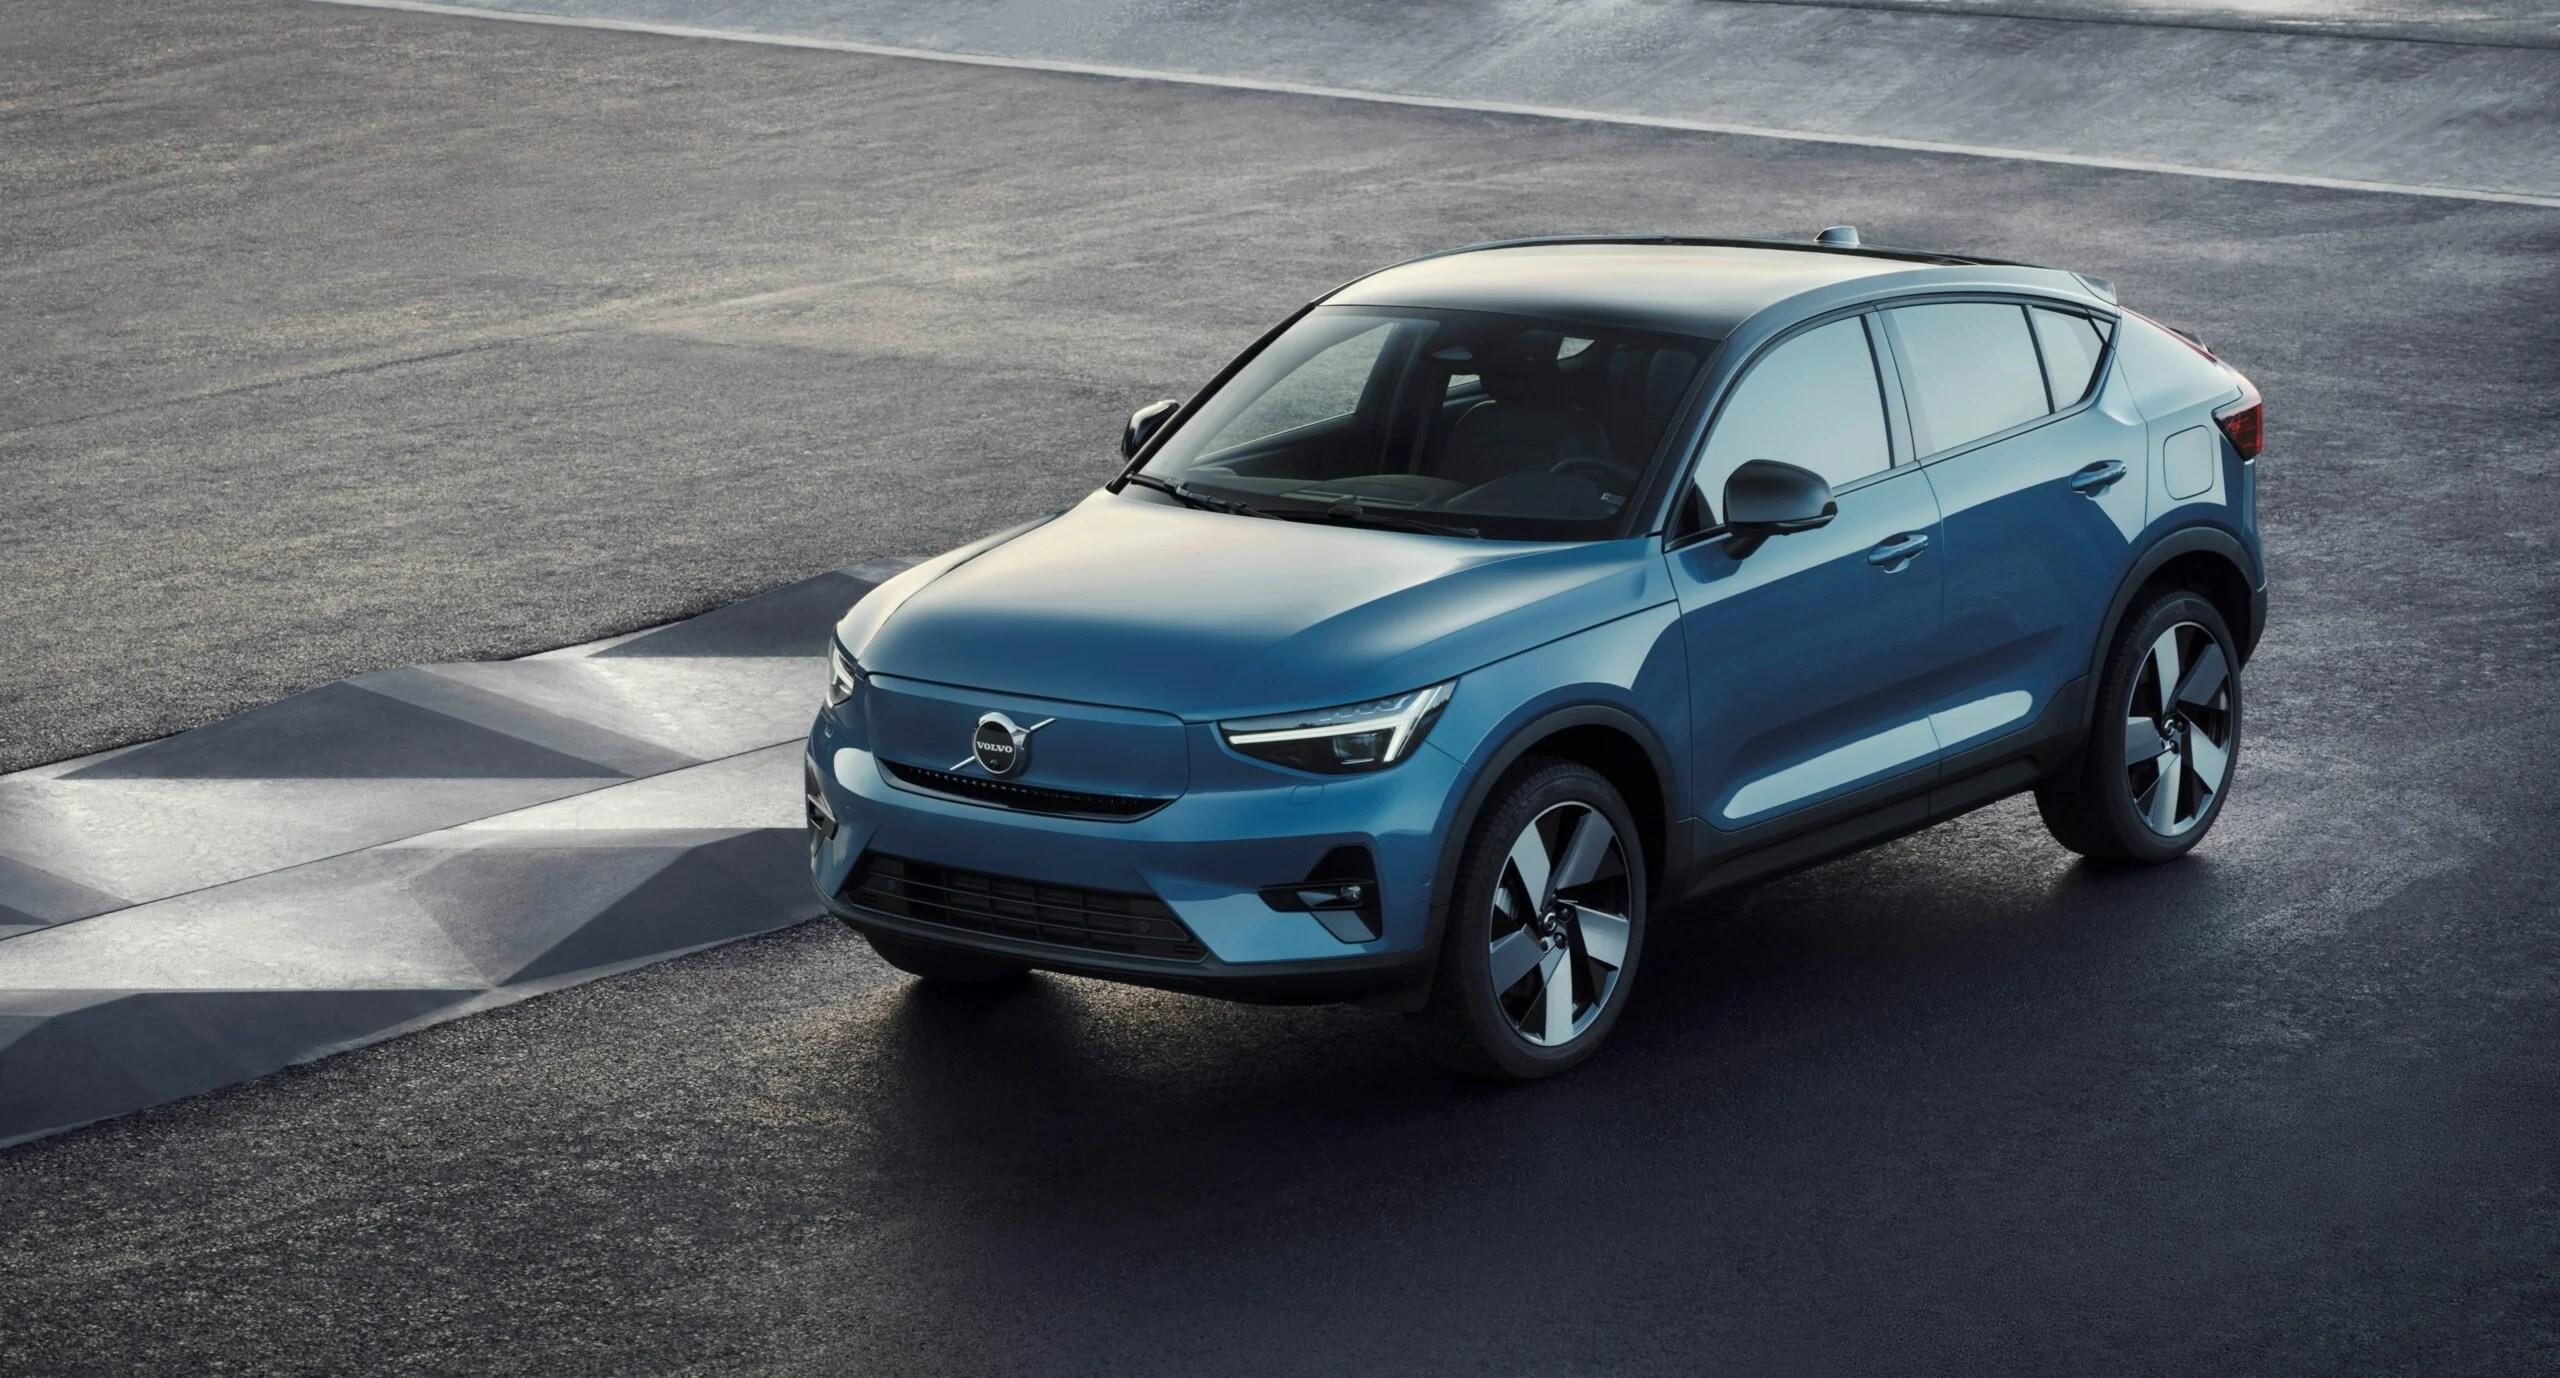 Volvo C40 Recharge P8 : un SUV 100 % électrique «sous Android » qui promet 420 km d'autonomie